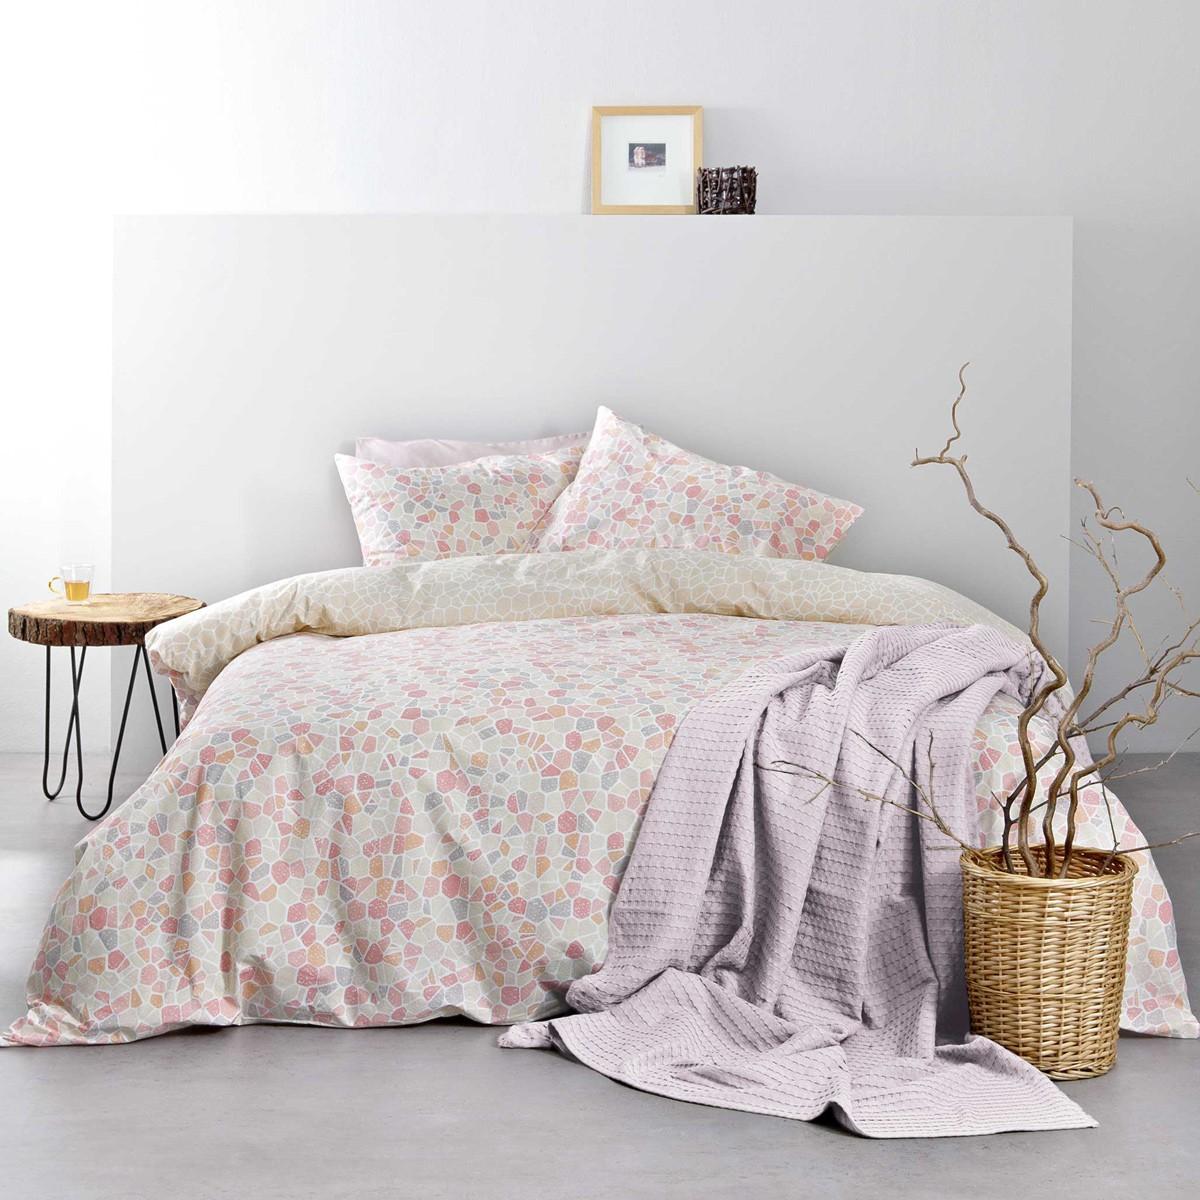 Σεντόνια Υπέρδιπλα (Σετ) Nima Bed Linen Boracay Pink ΧΩΡΙΣ ΛΑΣΤΙΧΟ ΧΩΡΙΣ ΛΑΣΤΙΧΟ